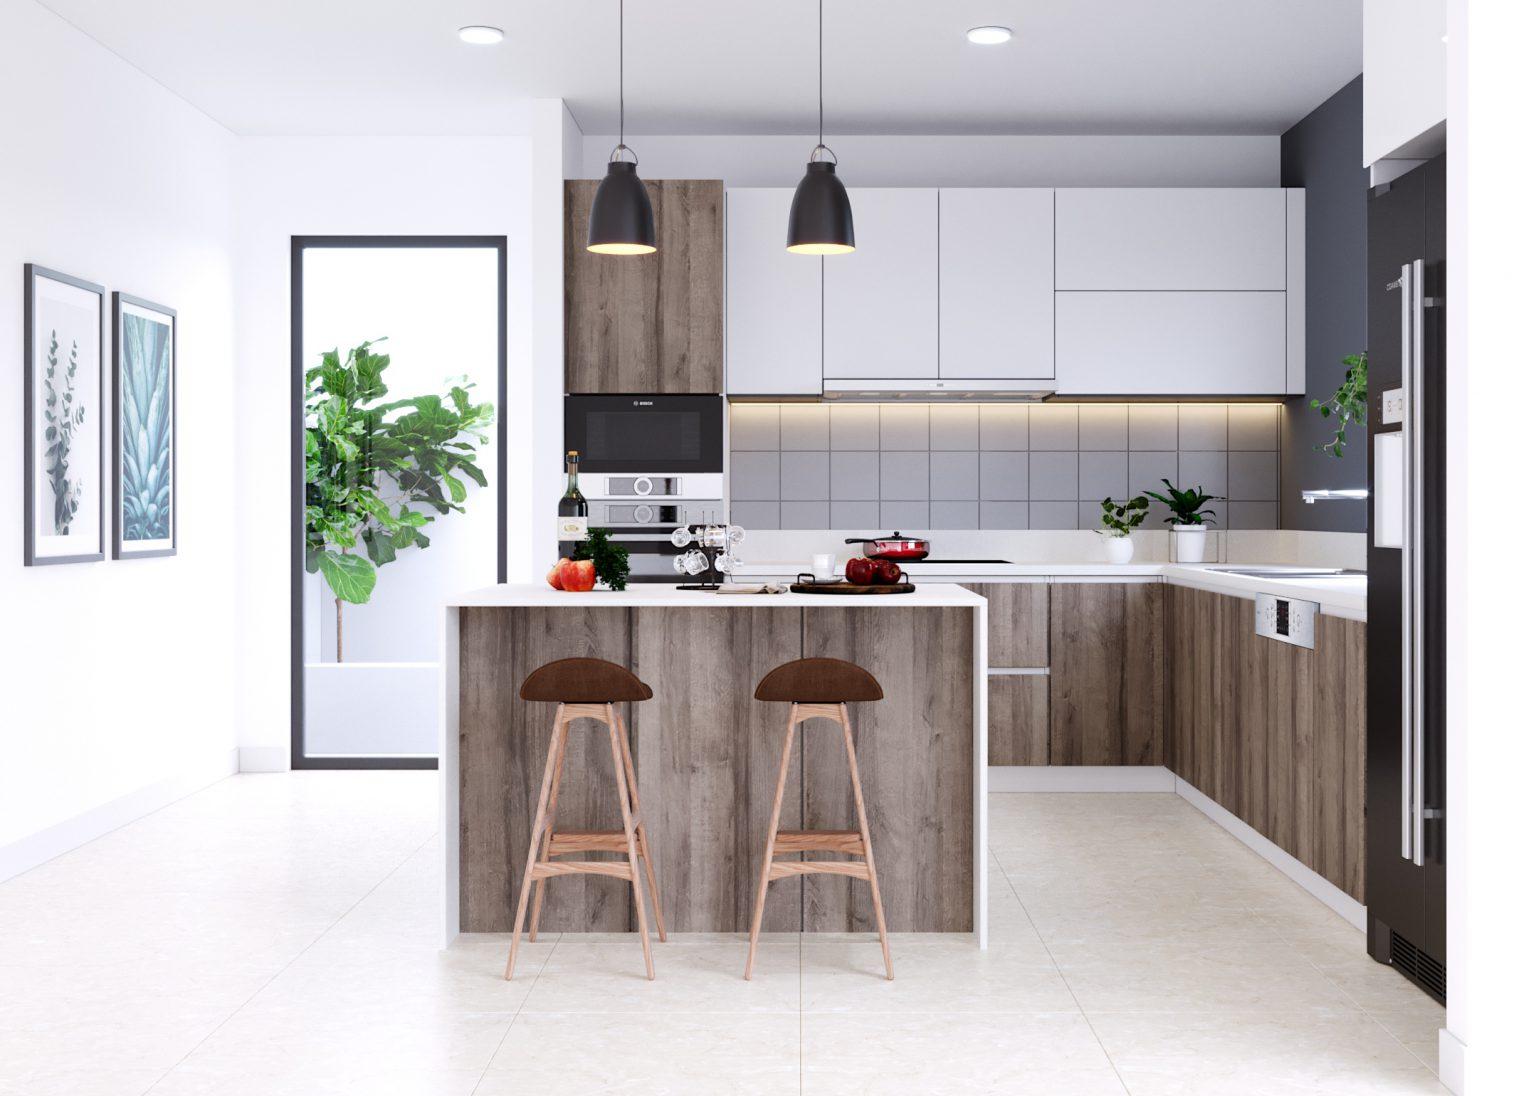 mẫu thiết kế phòng bếp chung cư đẹp 2